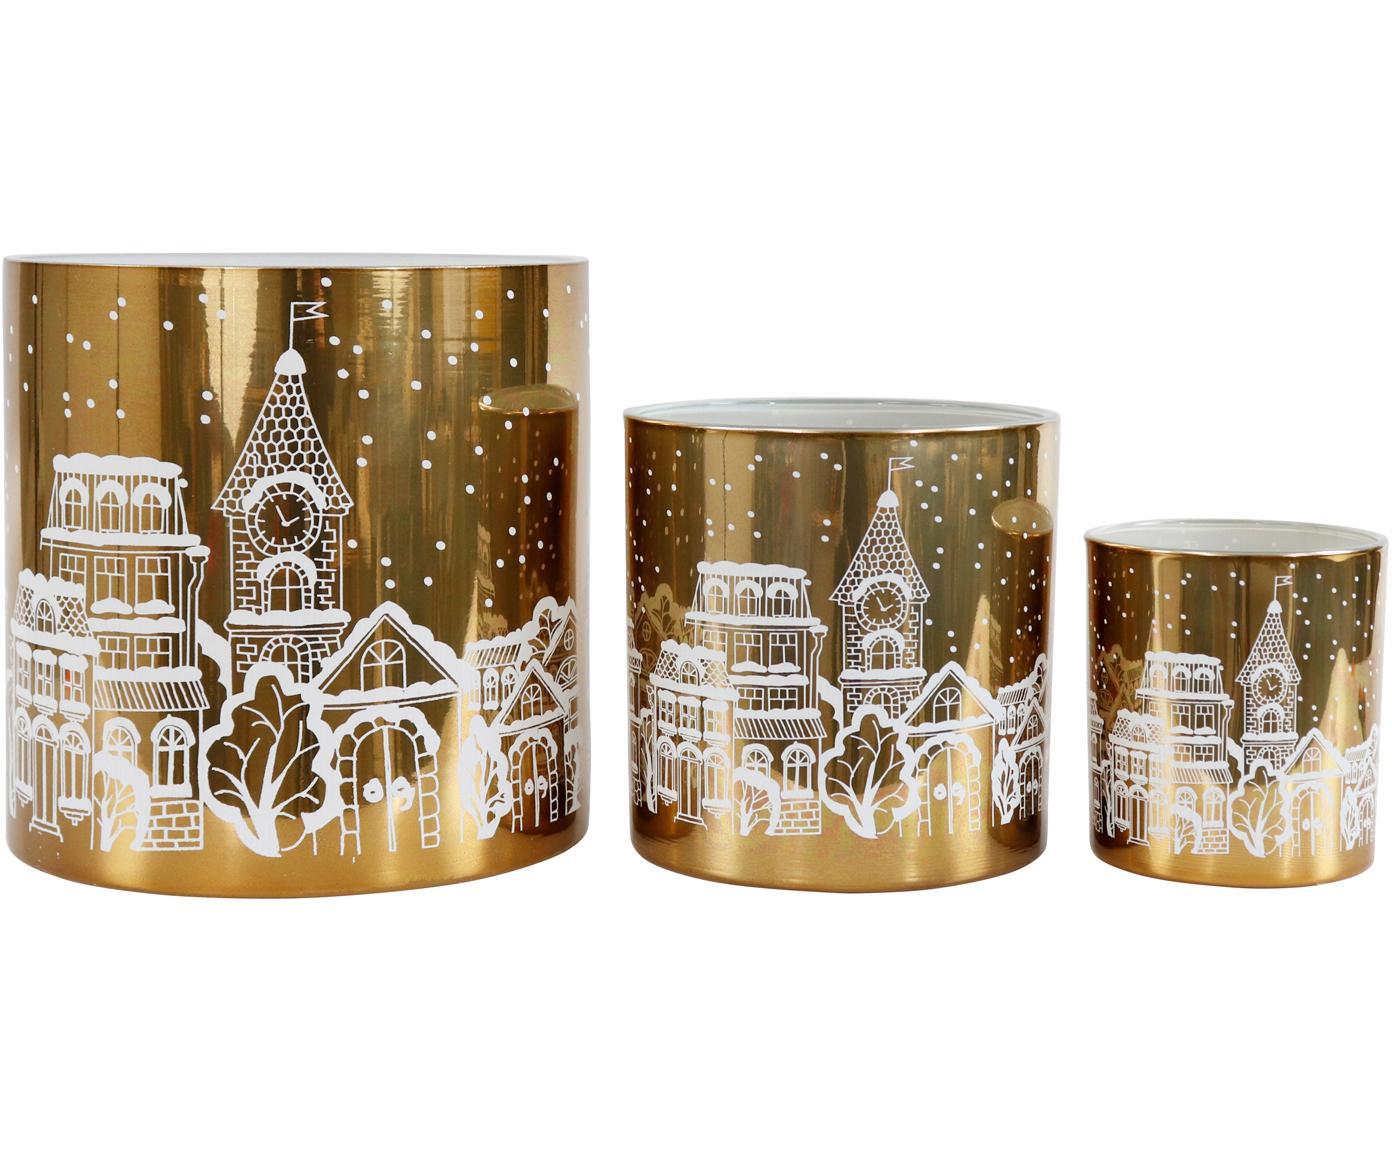 XL Windlichter-Set Winter Wonderland, 3-tlg., Glas, Goldfarben, Weiss, Verschiedene Grössen